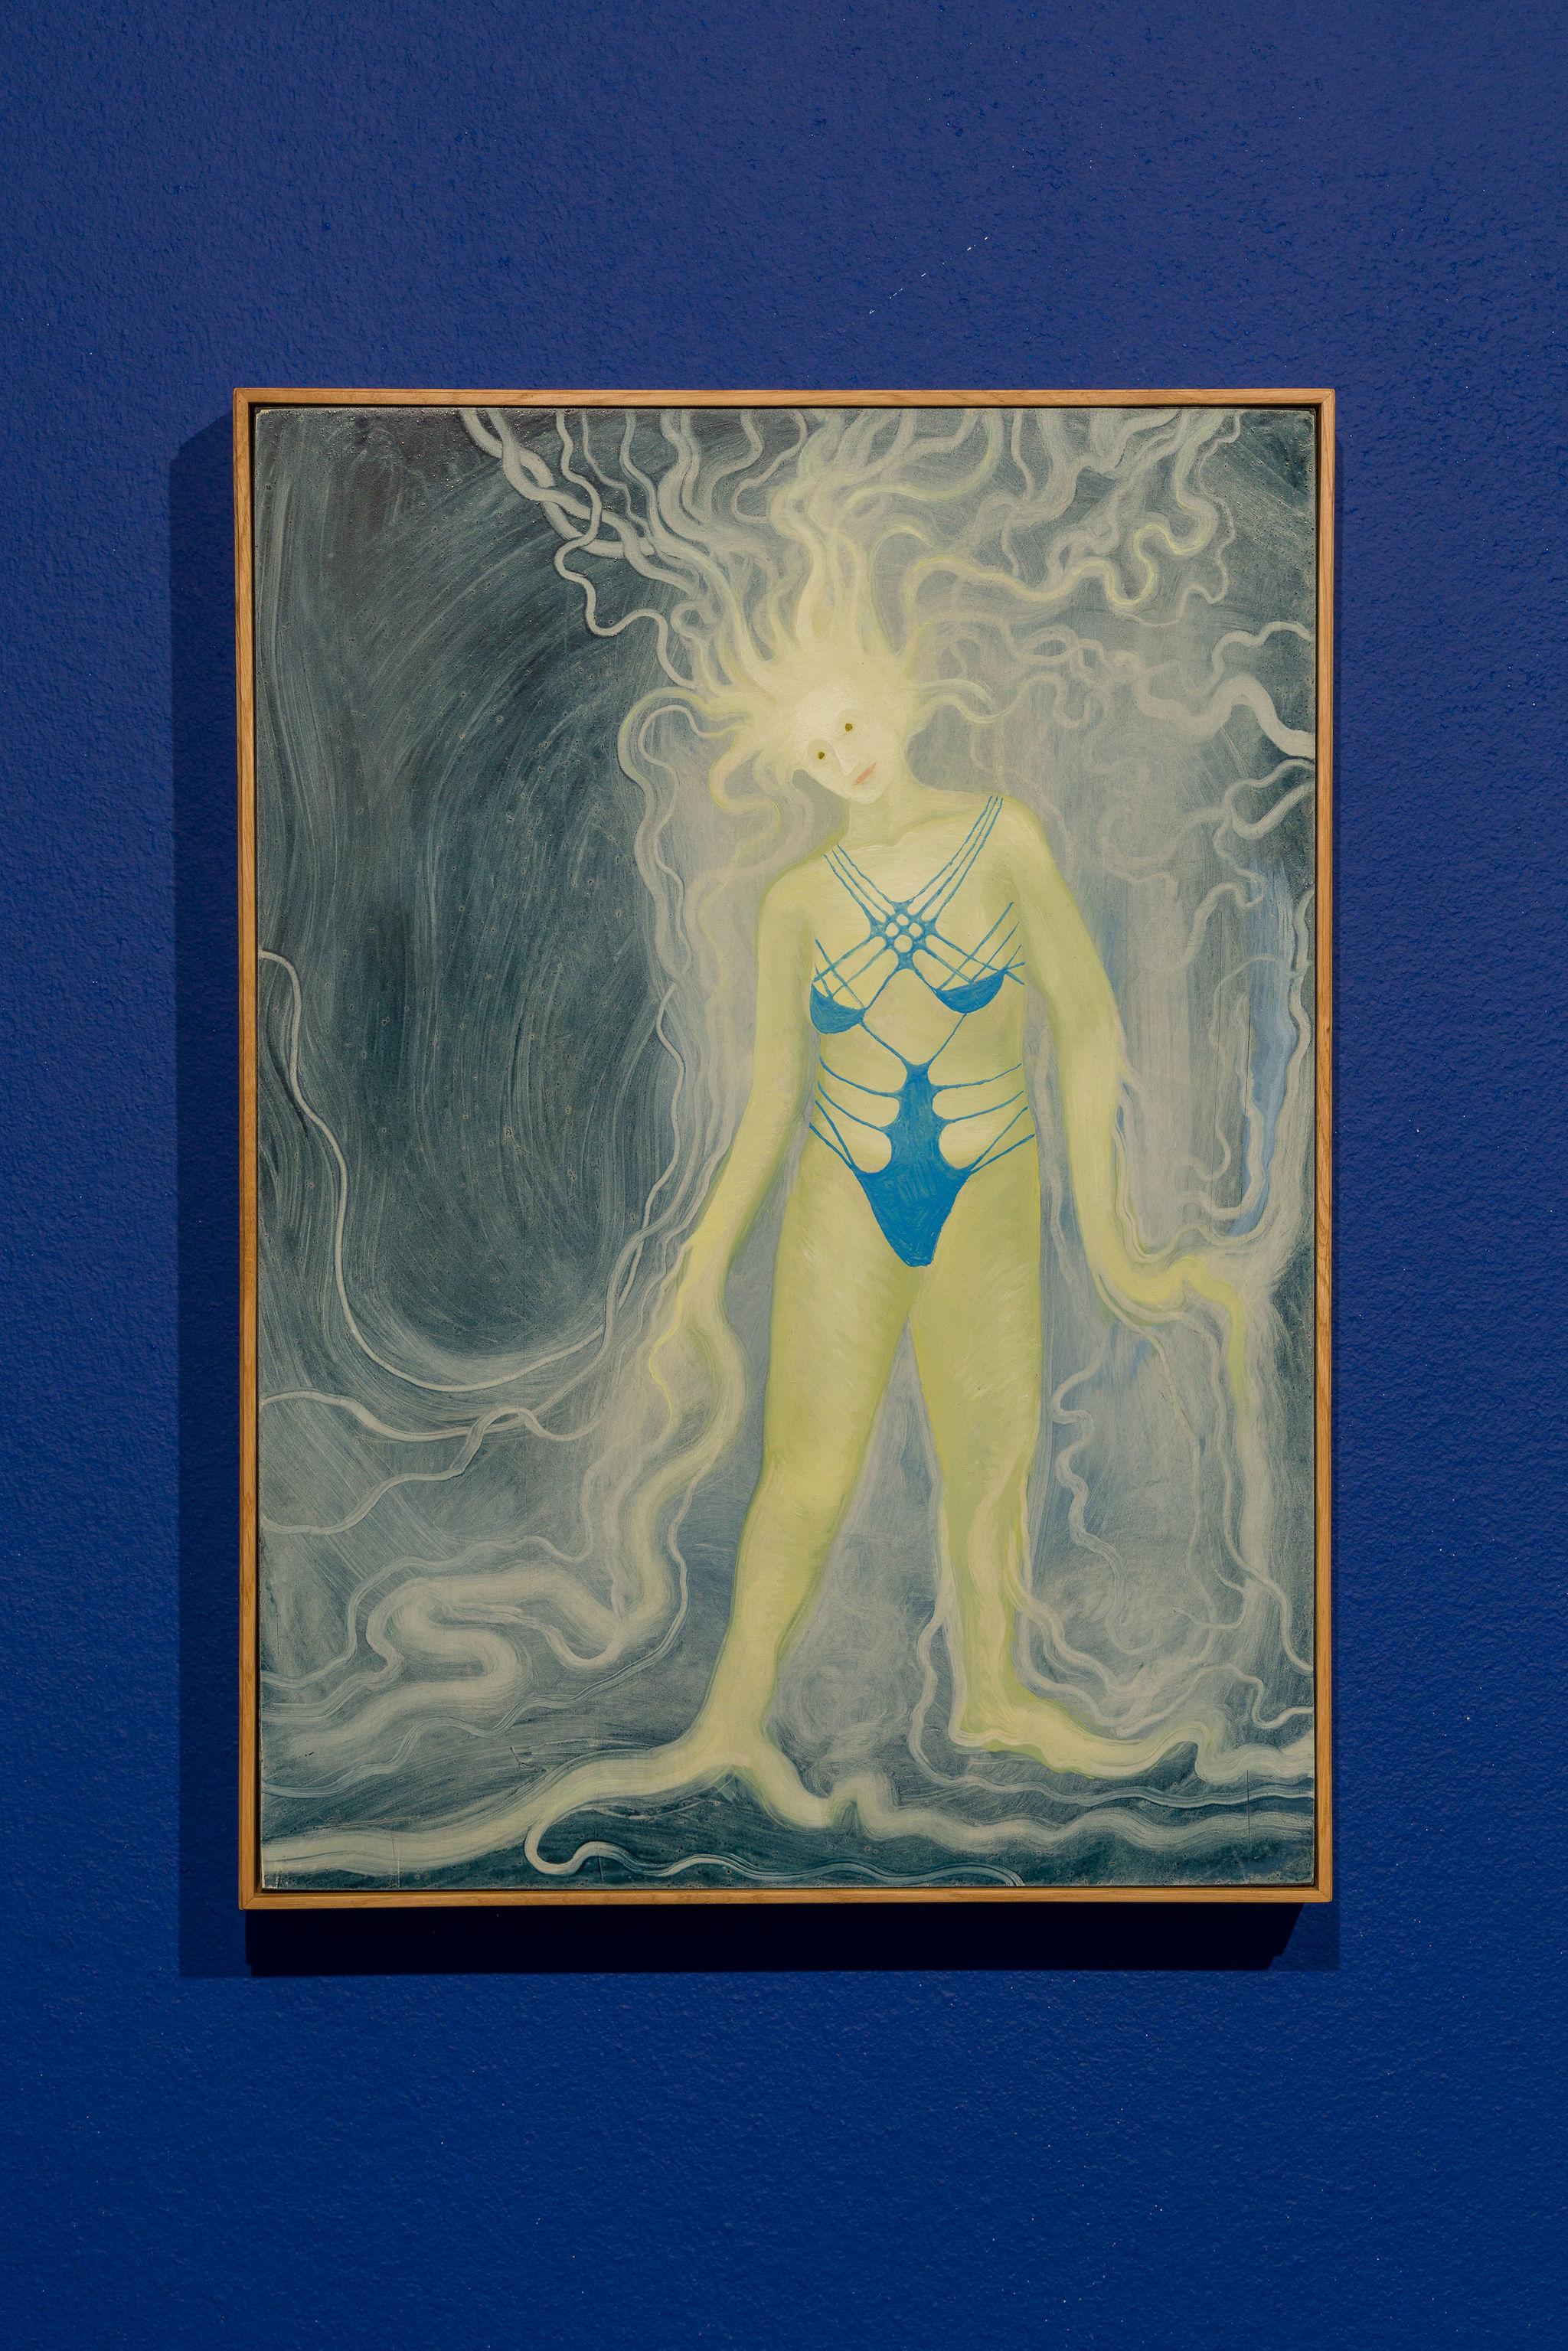 Hortensia Mi Kafchin, Gaia in a Bathing Suit, 2021, Oil on wood